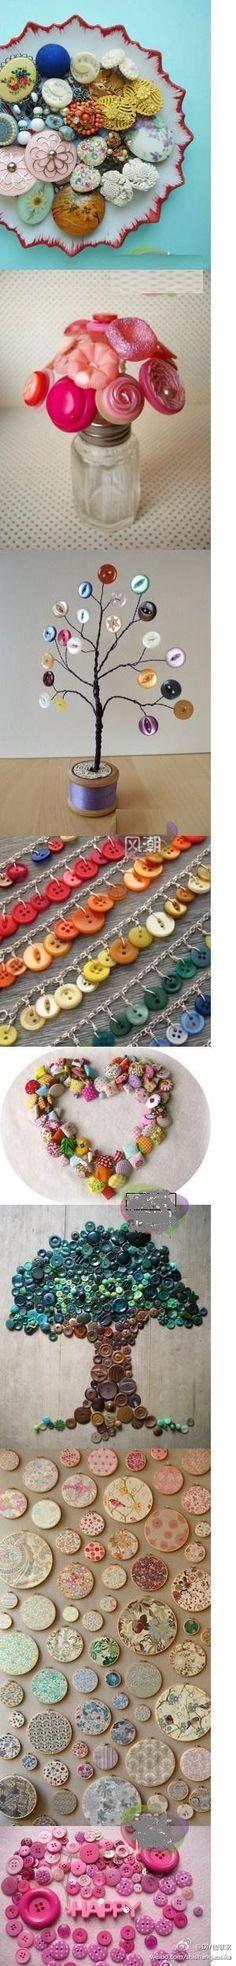 buttons craft by irene sabine wilhelmsen